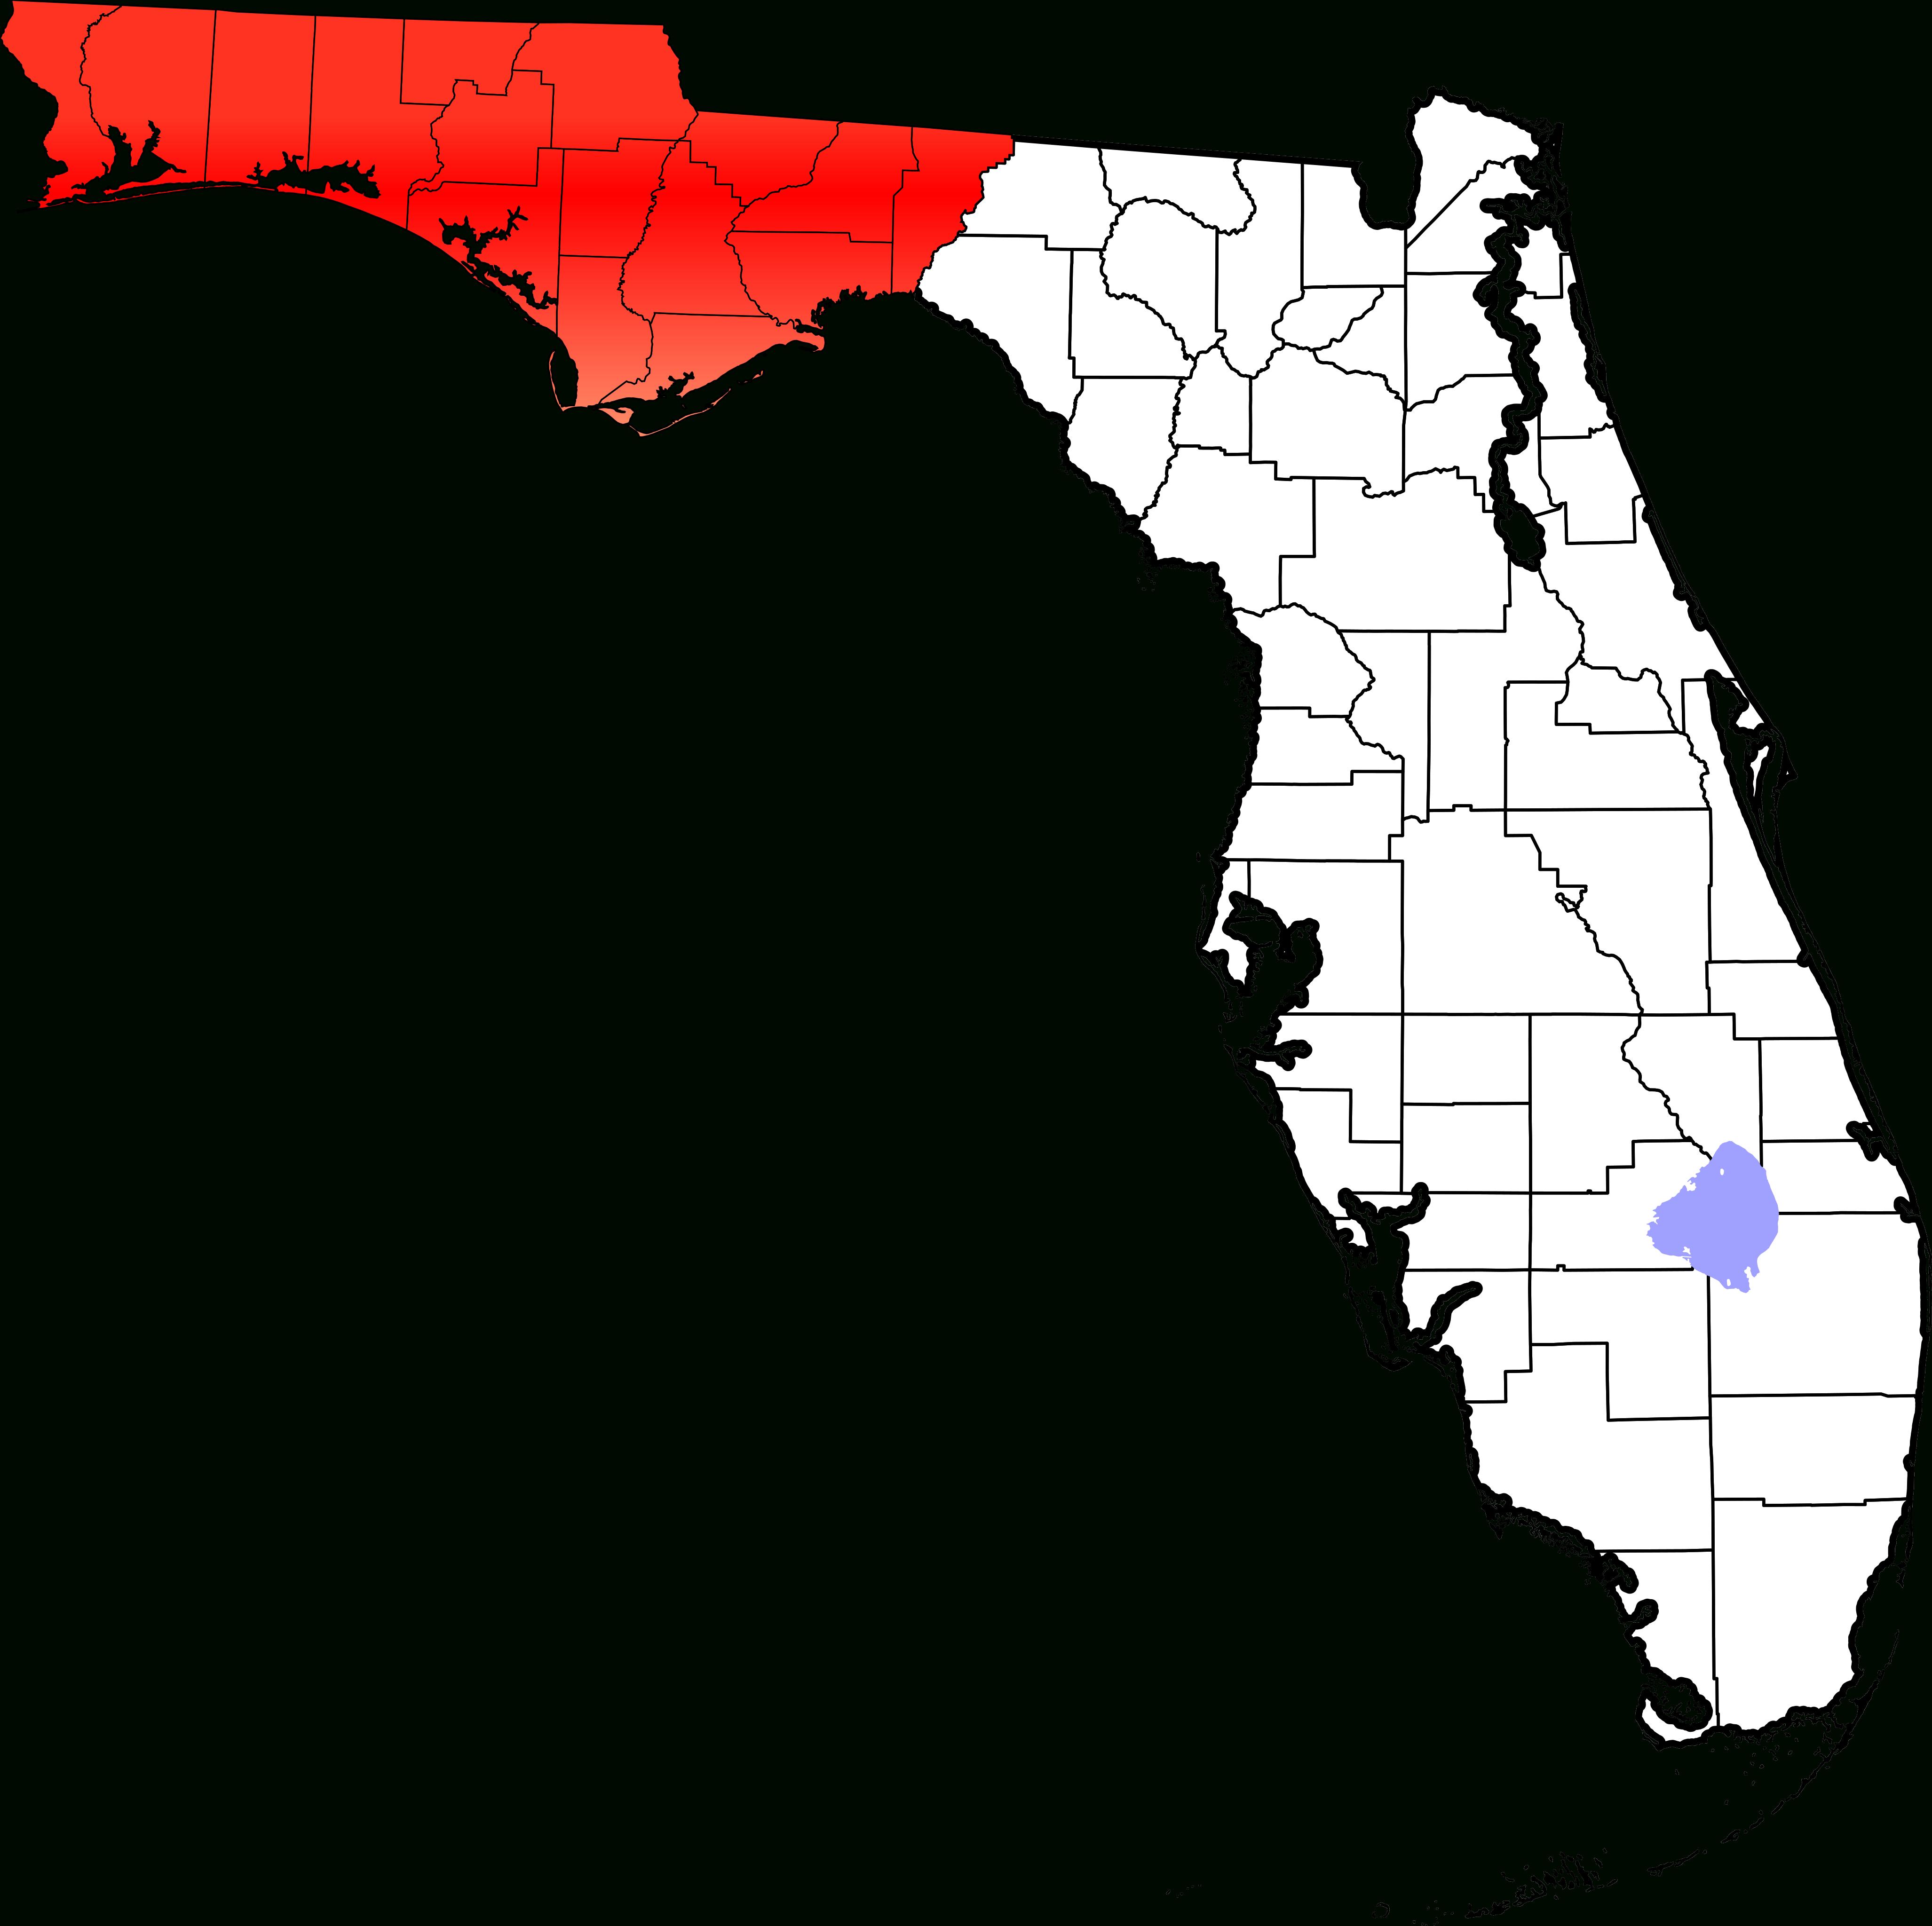 Fichier:map Of Florida Highlighting Panhandle.svg — Wikipédia - Florida Panhandle Map